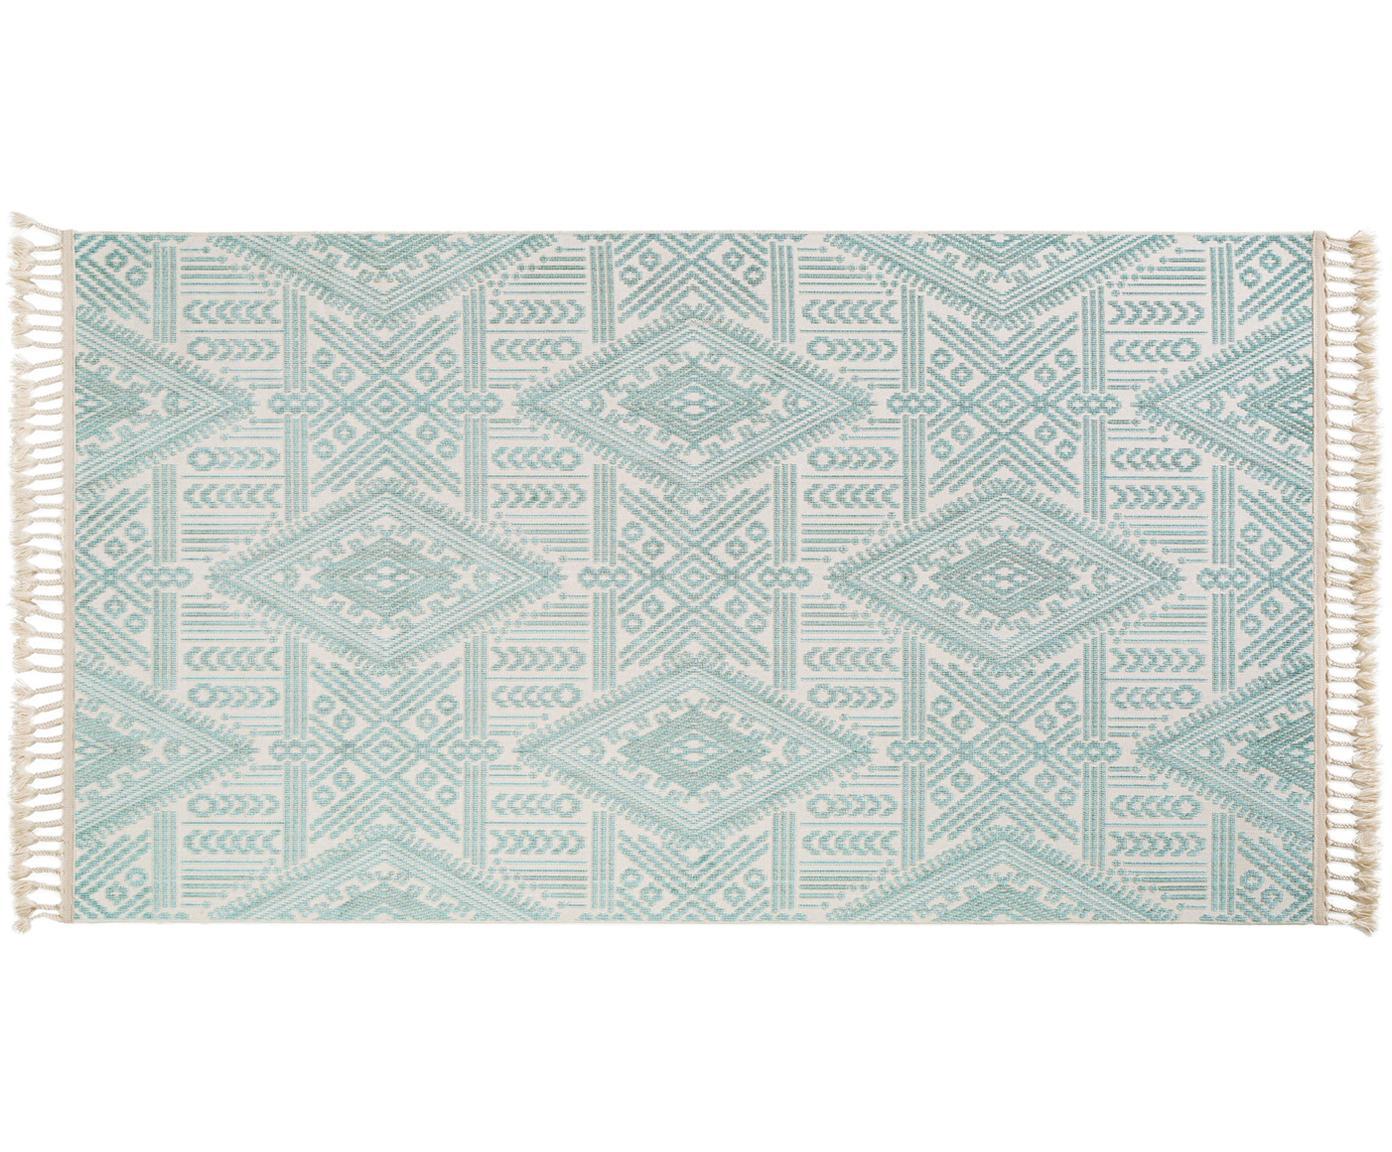 Tappeto con motivo geometrico Laila Tang, Vello: poliestere, Retro: cotone, Crema, turchese, Larg. 80 x Lung. 150 cm (taglia XS)